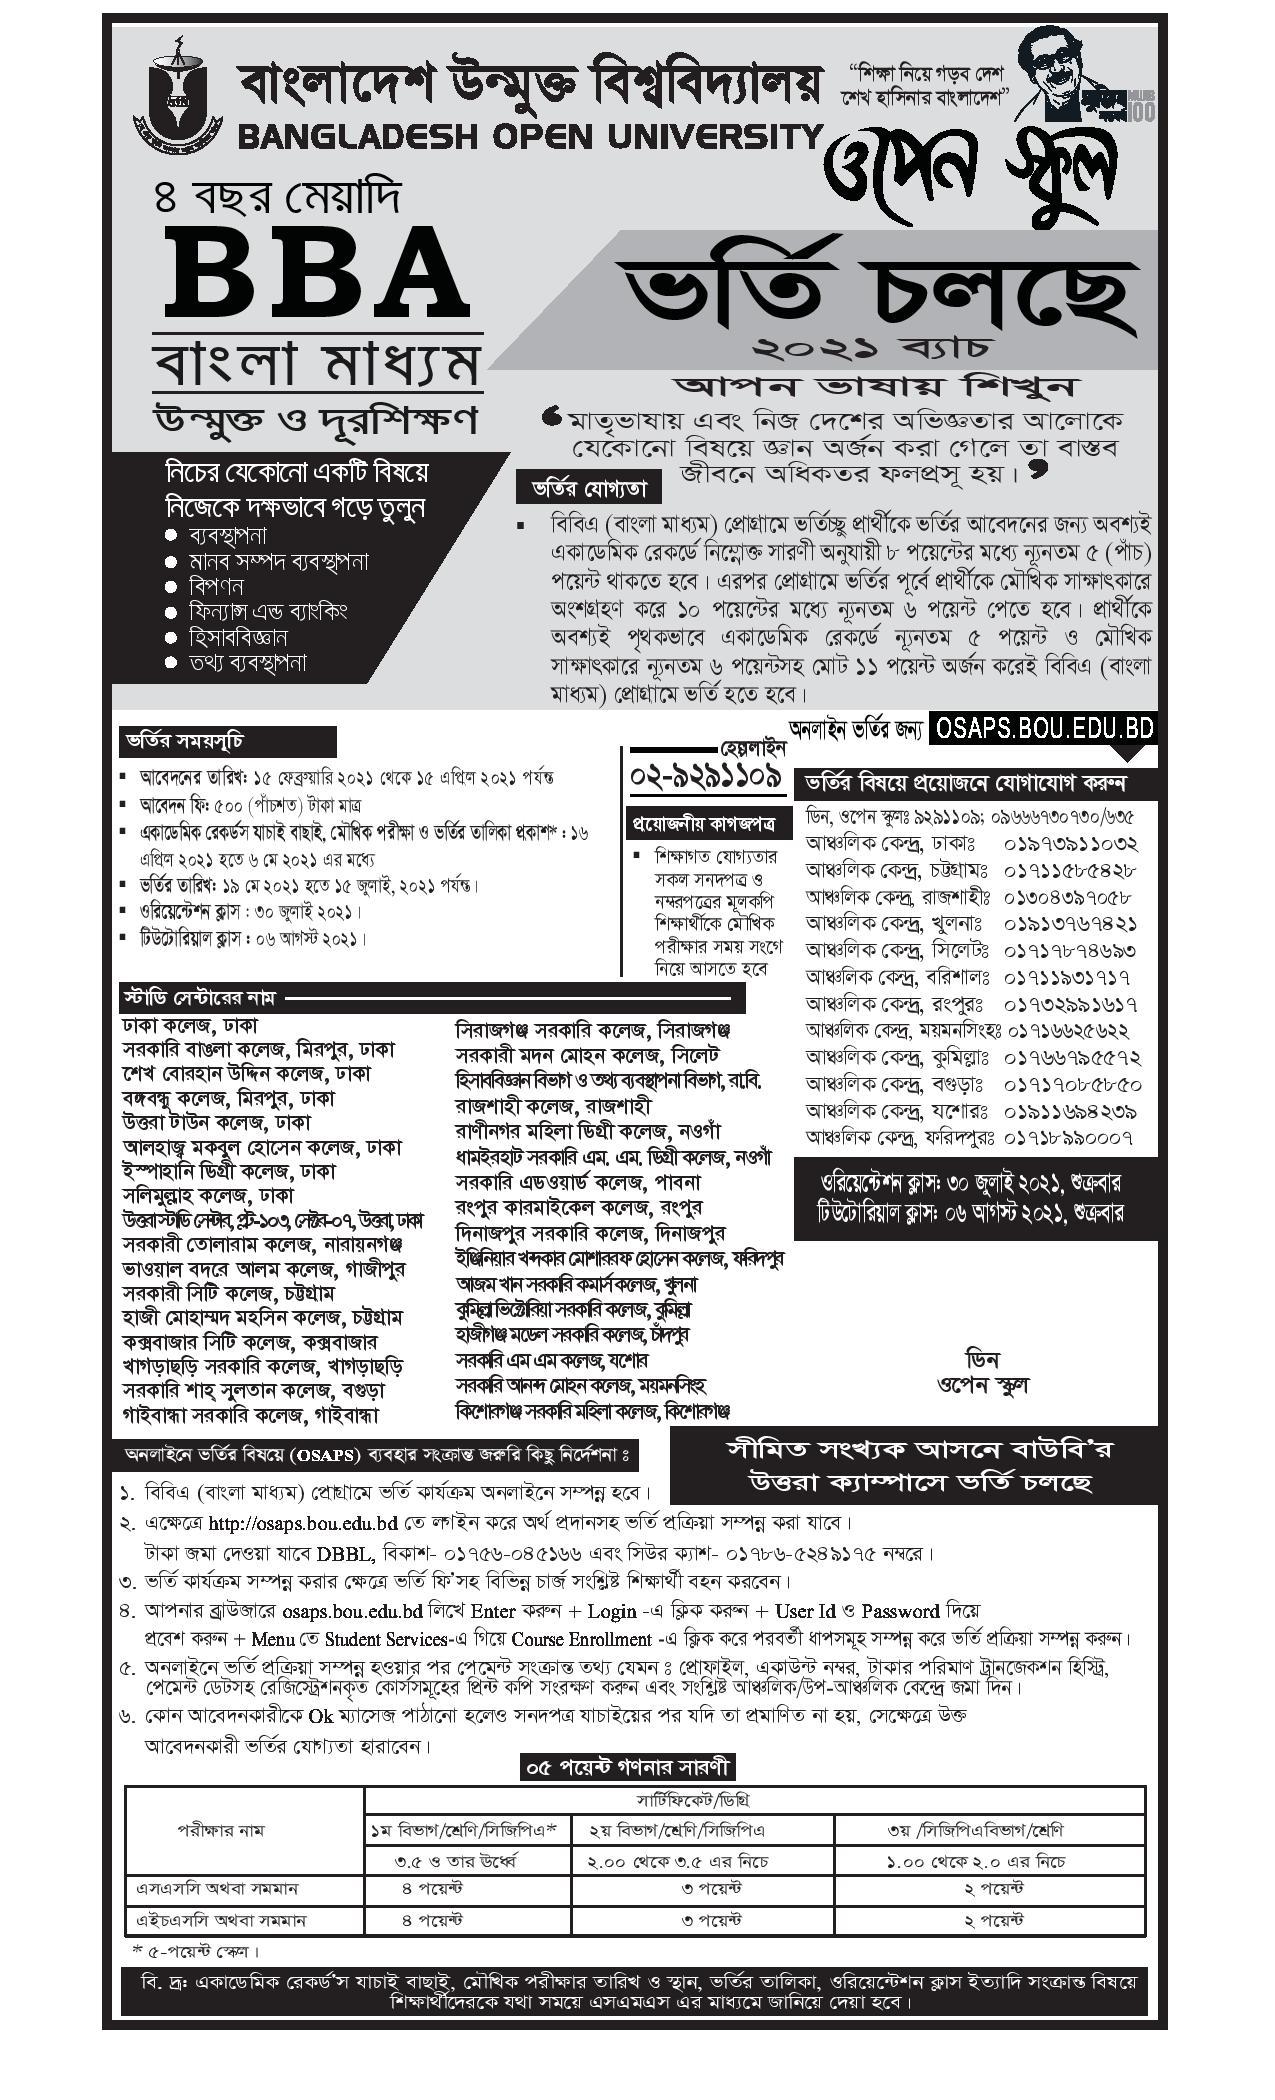 bba_bangla_admi_170221-page-001